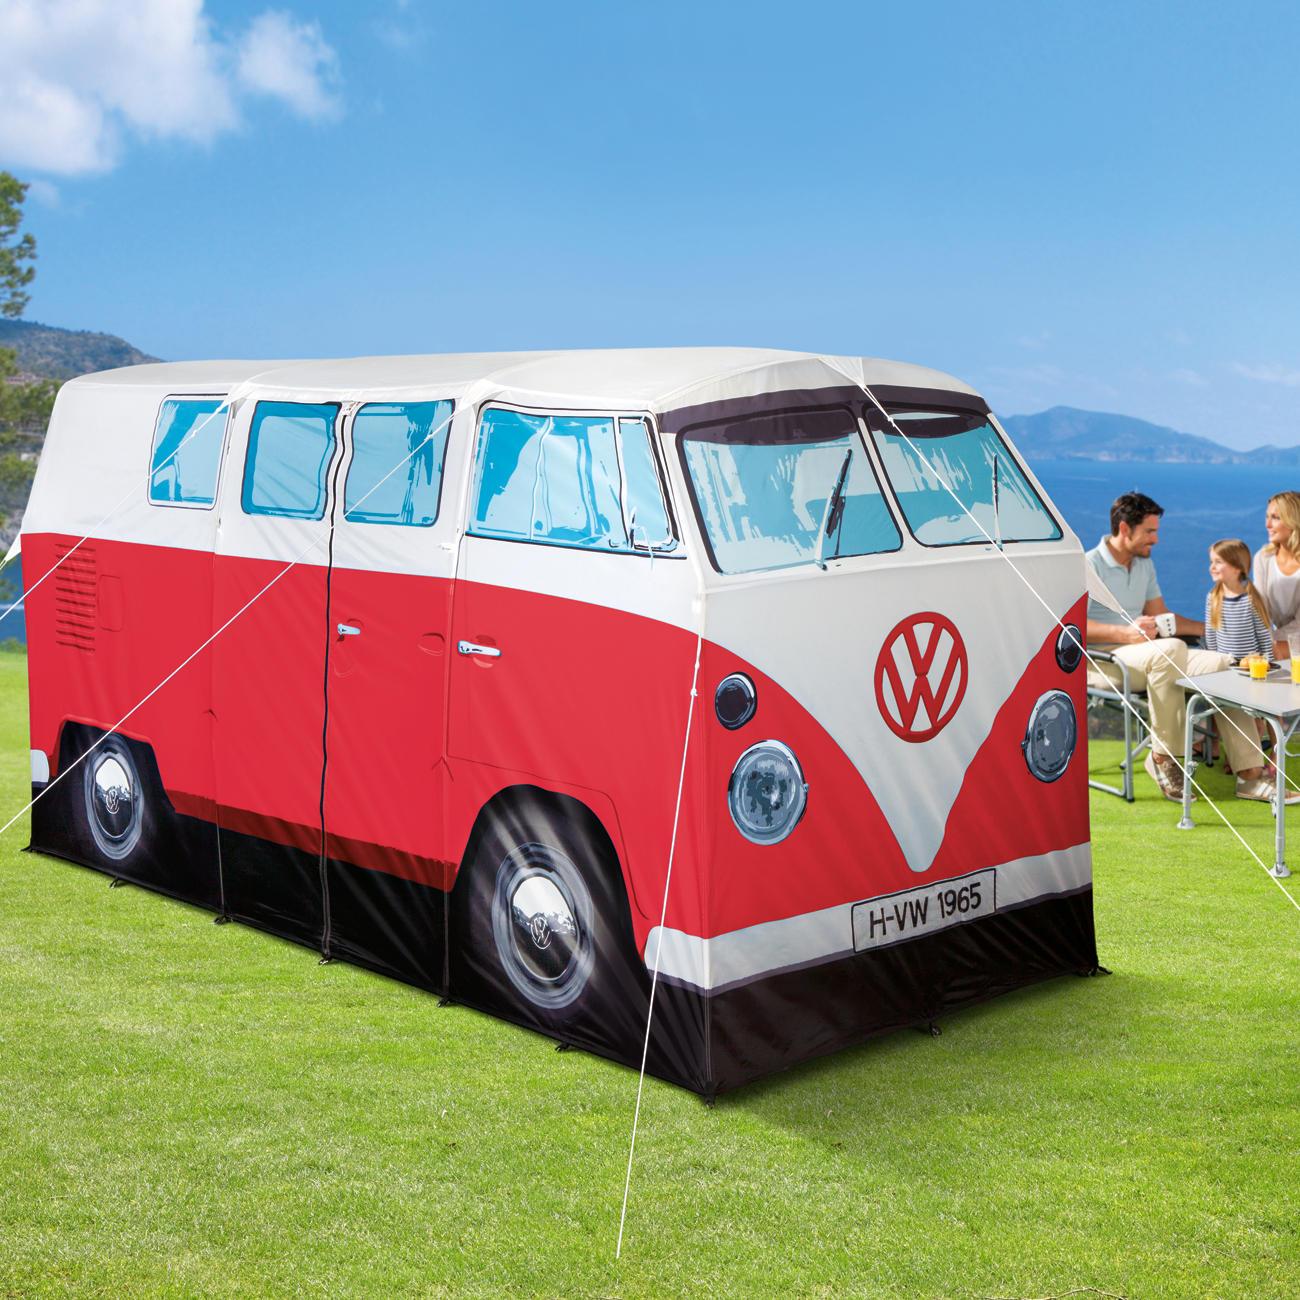 Buy Volkswagen: 3-year Product Guarantee